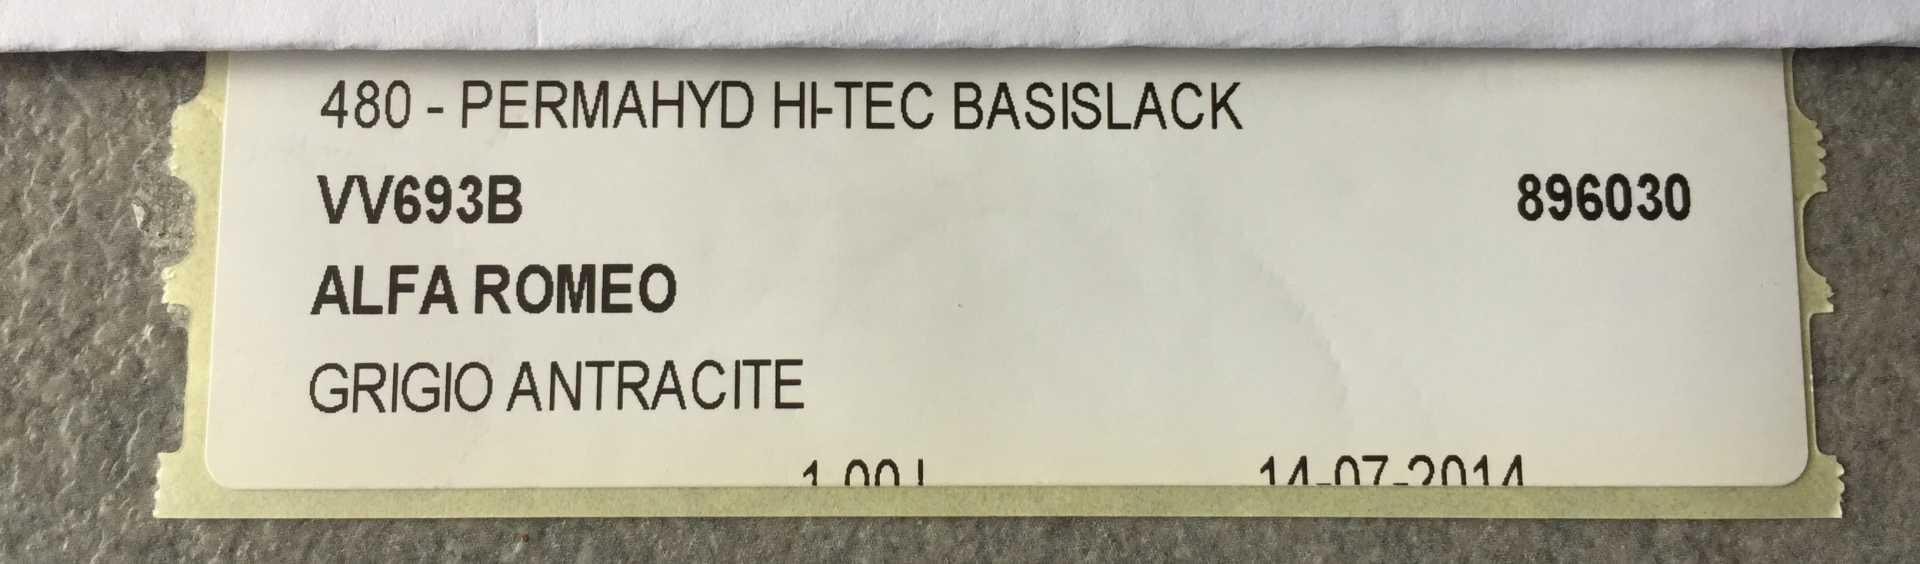 48286003-B2A3-47D8-A1F7-222797CE0F80.JPG